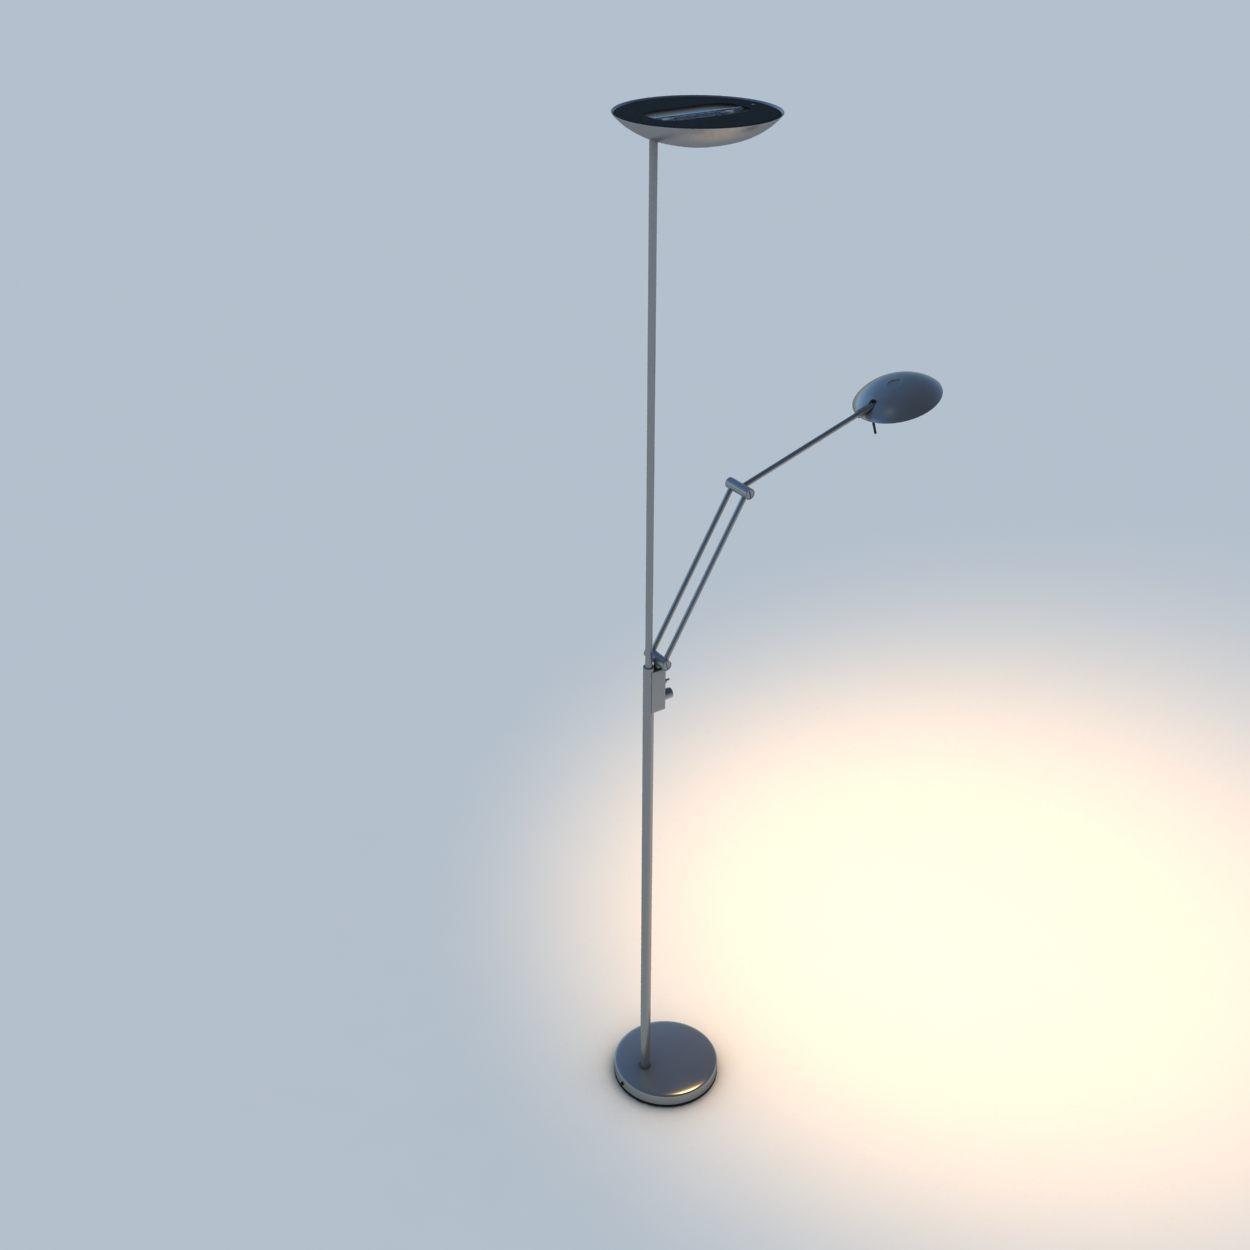 Lamp-0001.jpg